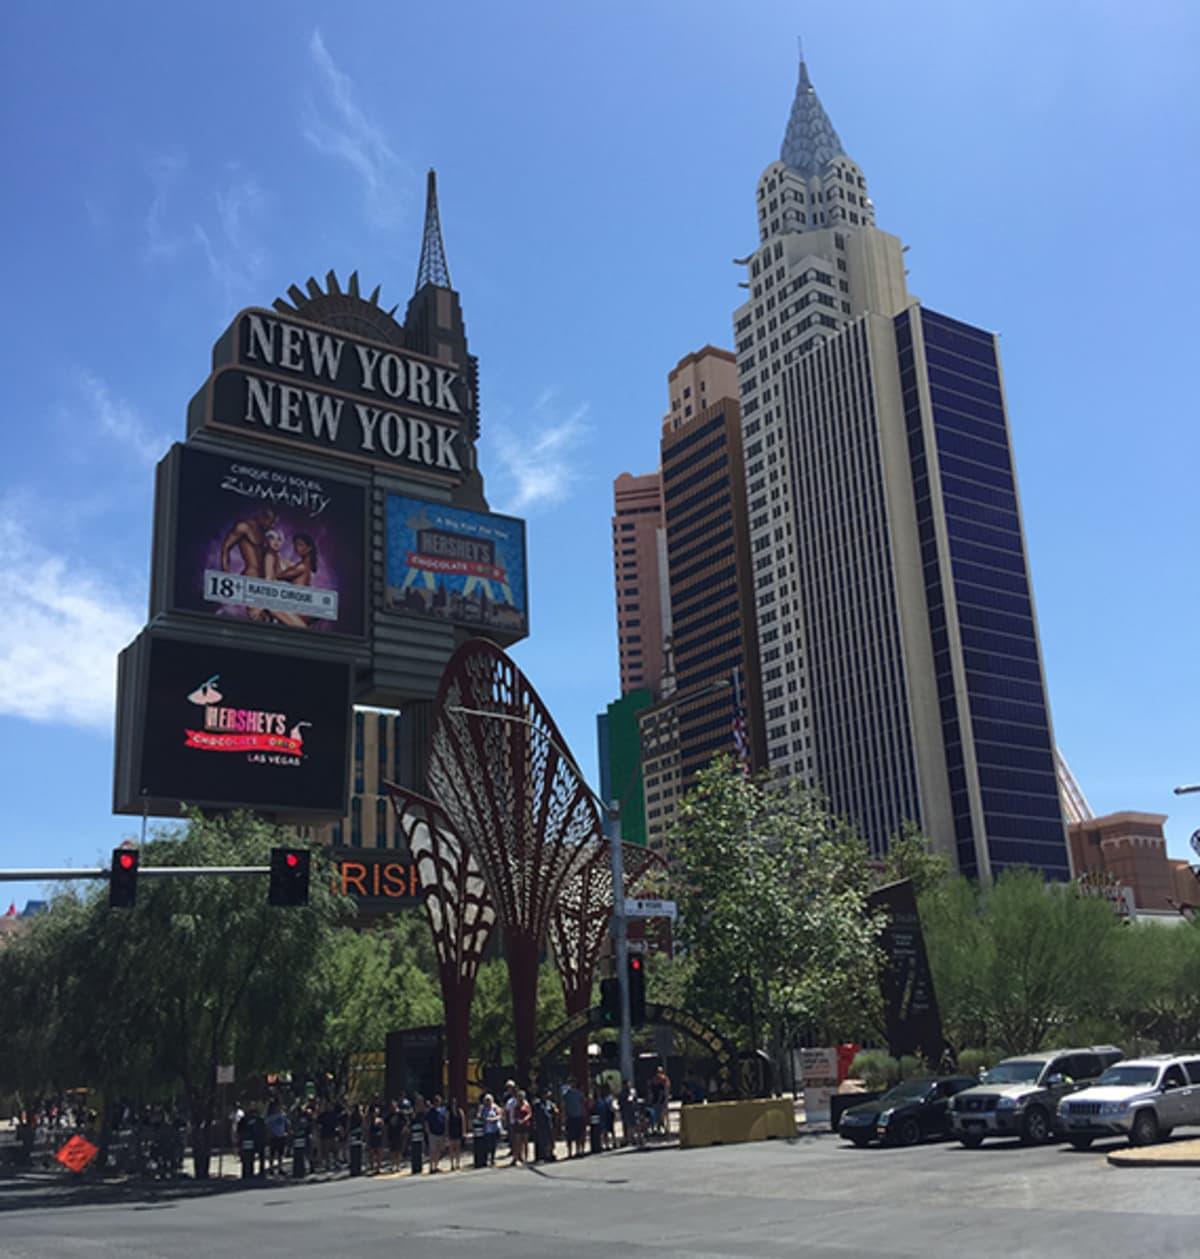 Kuva New York, New York -hotellista